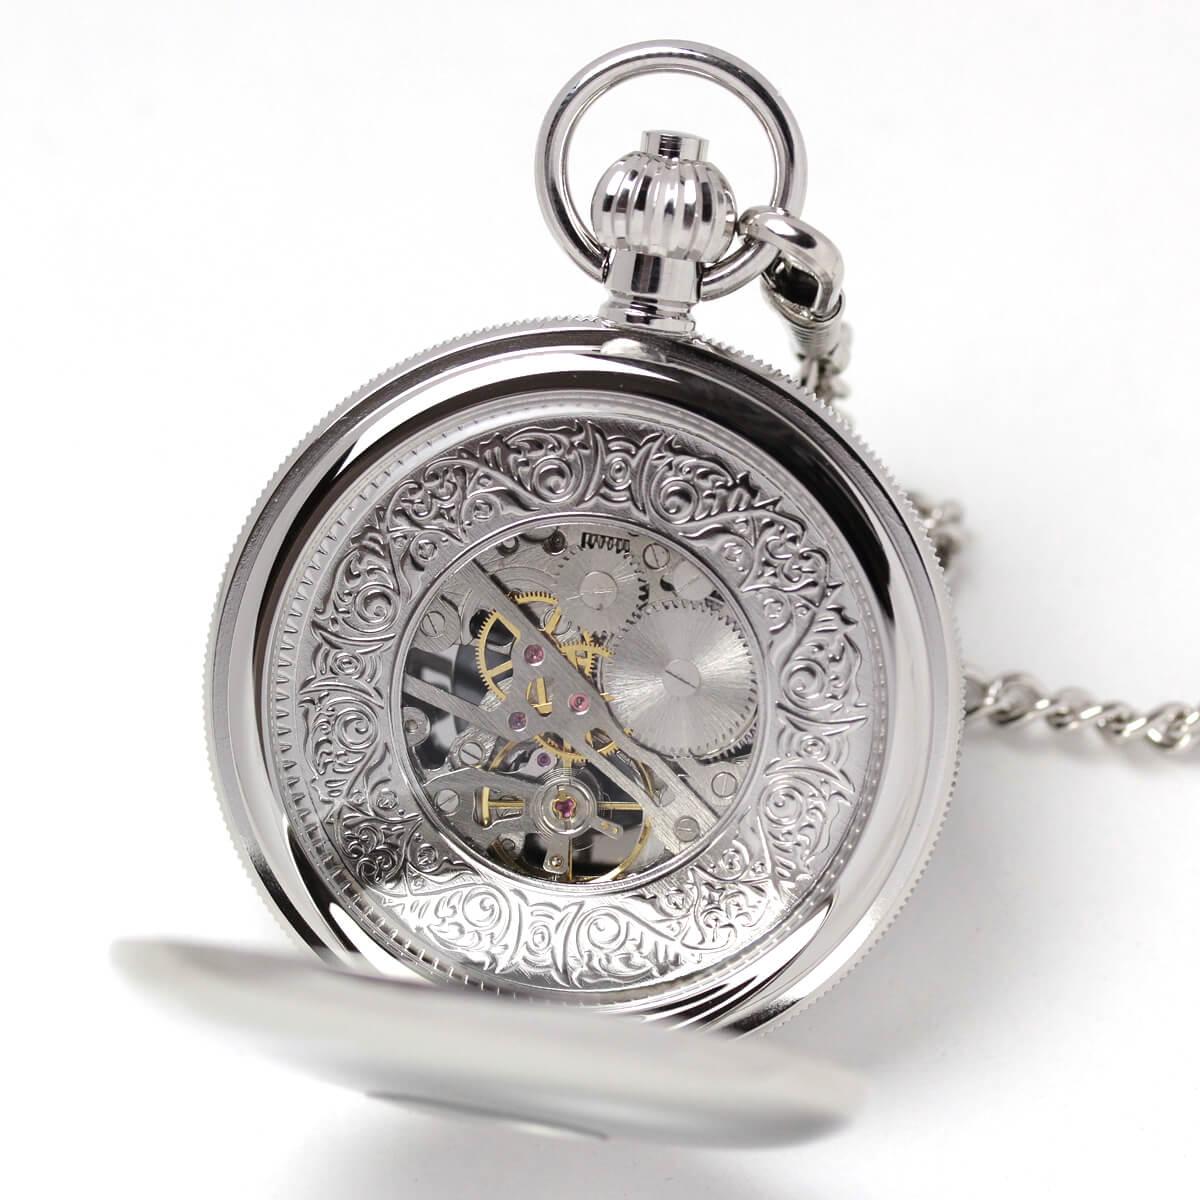 イギリスブランド rapport(ラポート) 懐中時計 pw49 裏蓋を開けたところ。スケルトンになっていて、中のムーブメントがよく見えます。